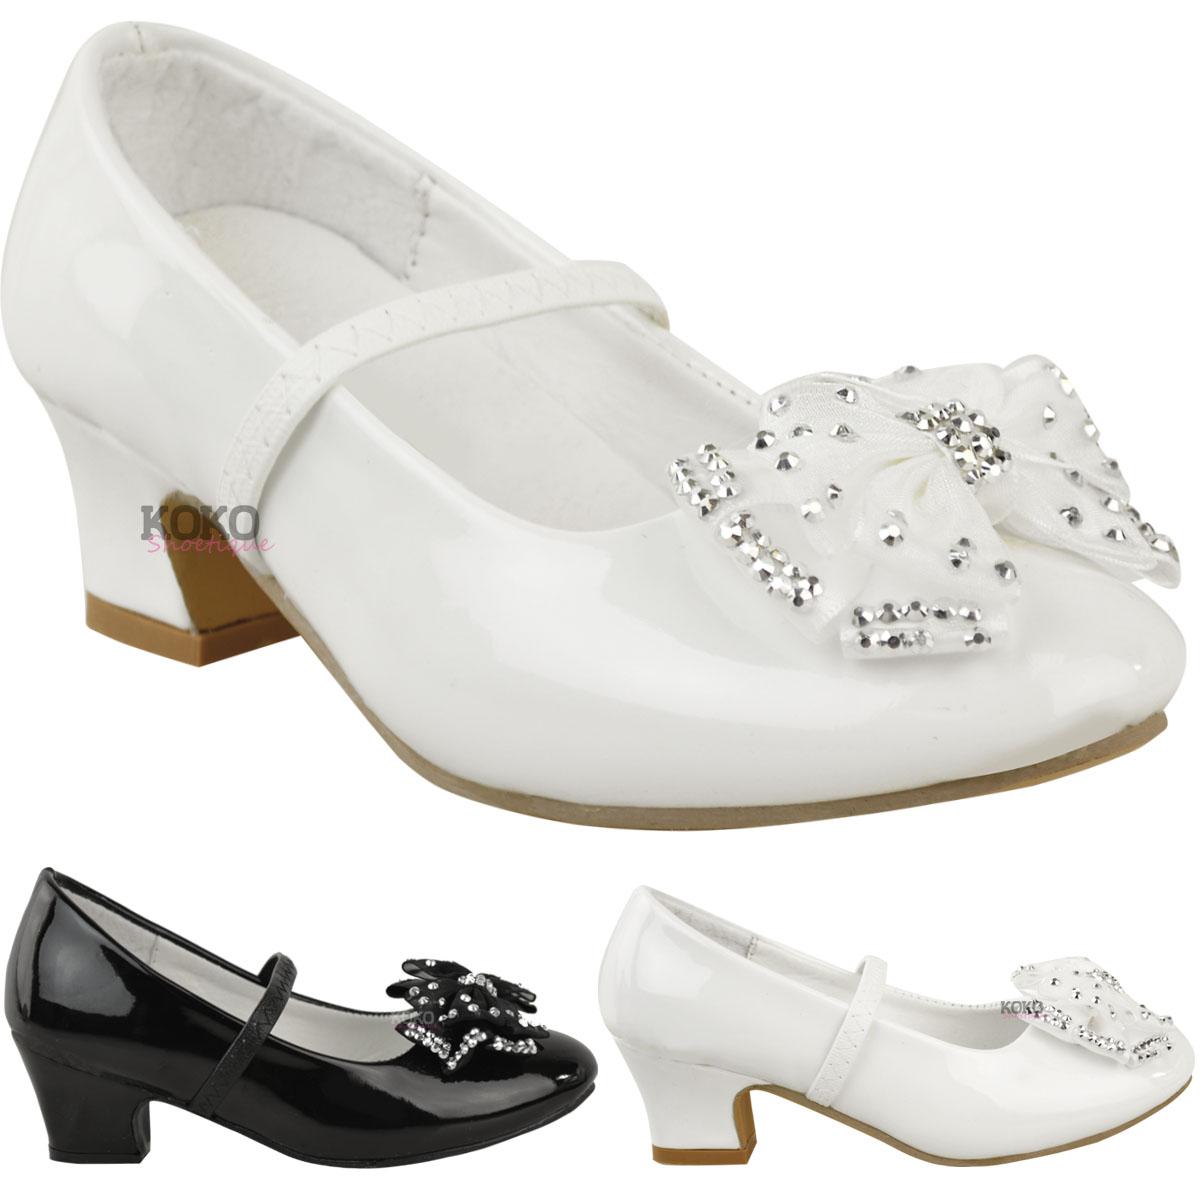 S Babies Childrens Wedding Party Sandals Low Heel